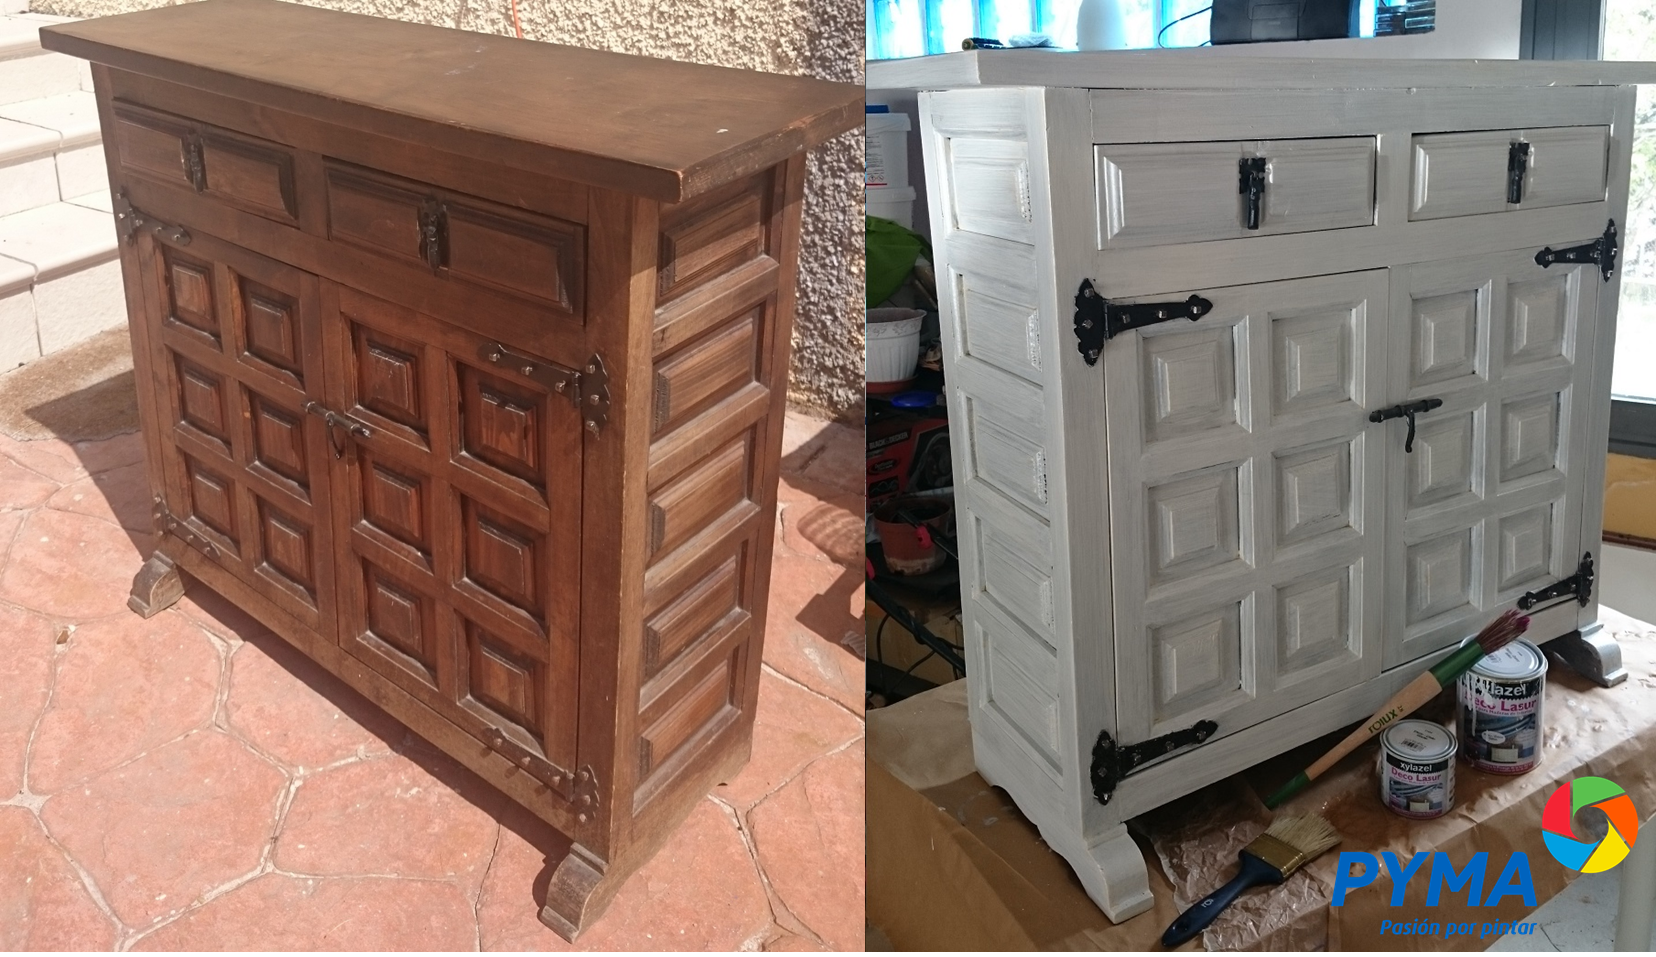 Diy Restaurando Un Mueble De Madera Antiguo # Muebles Do It Yourself